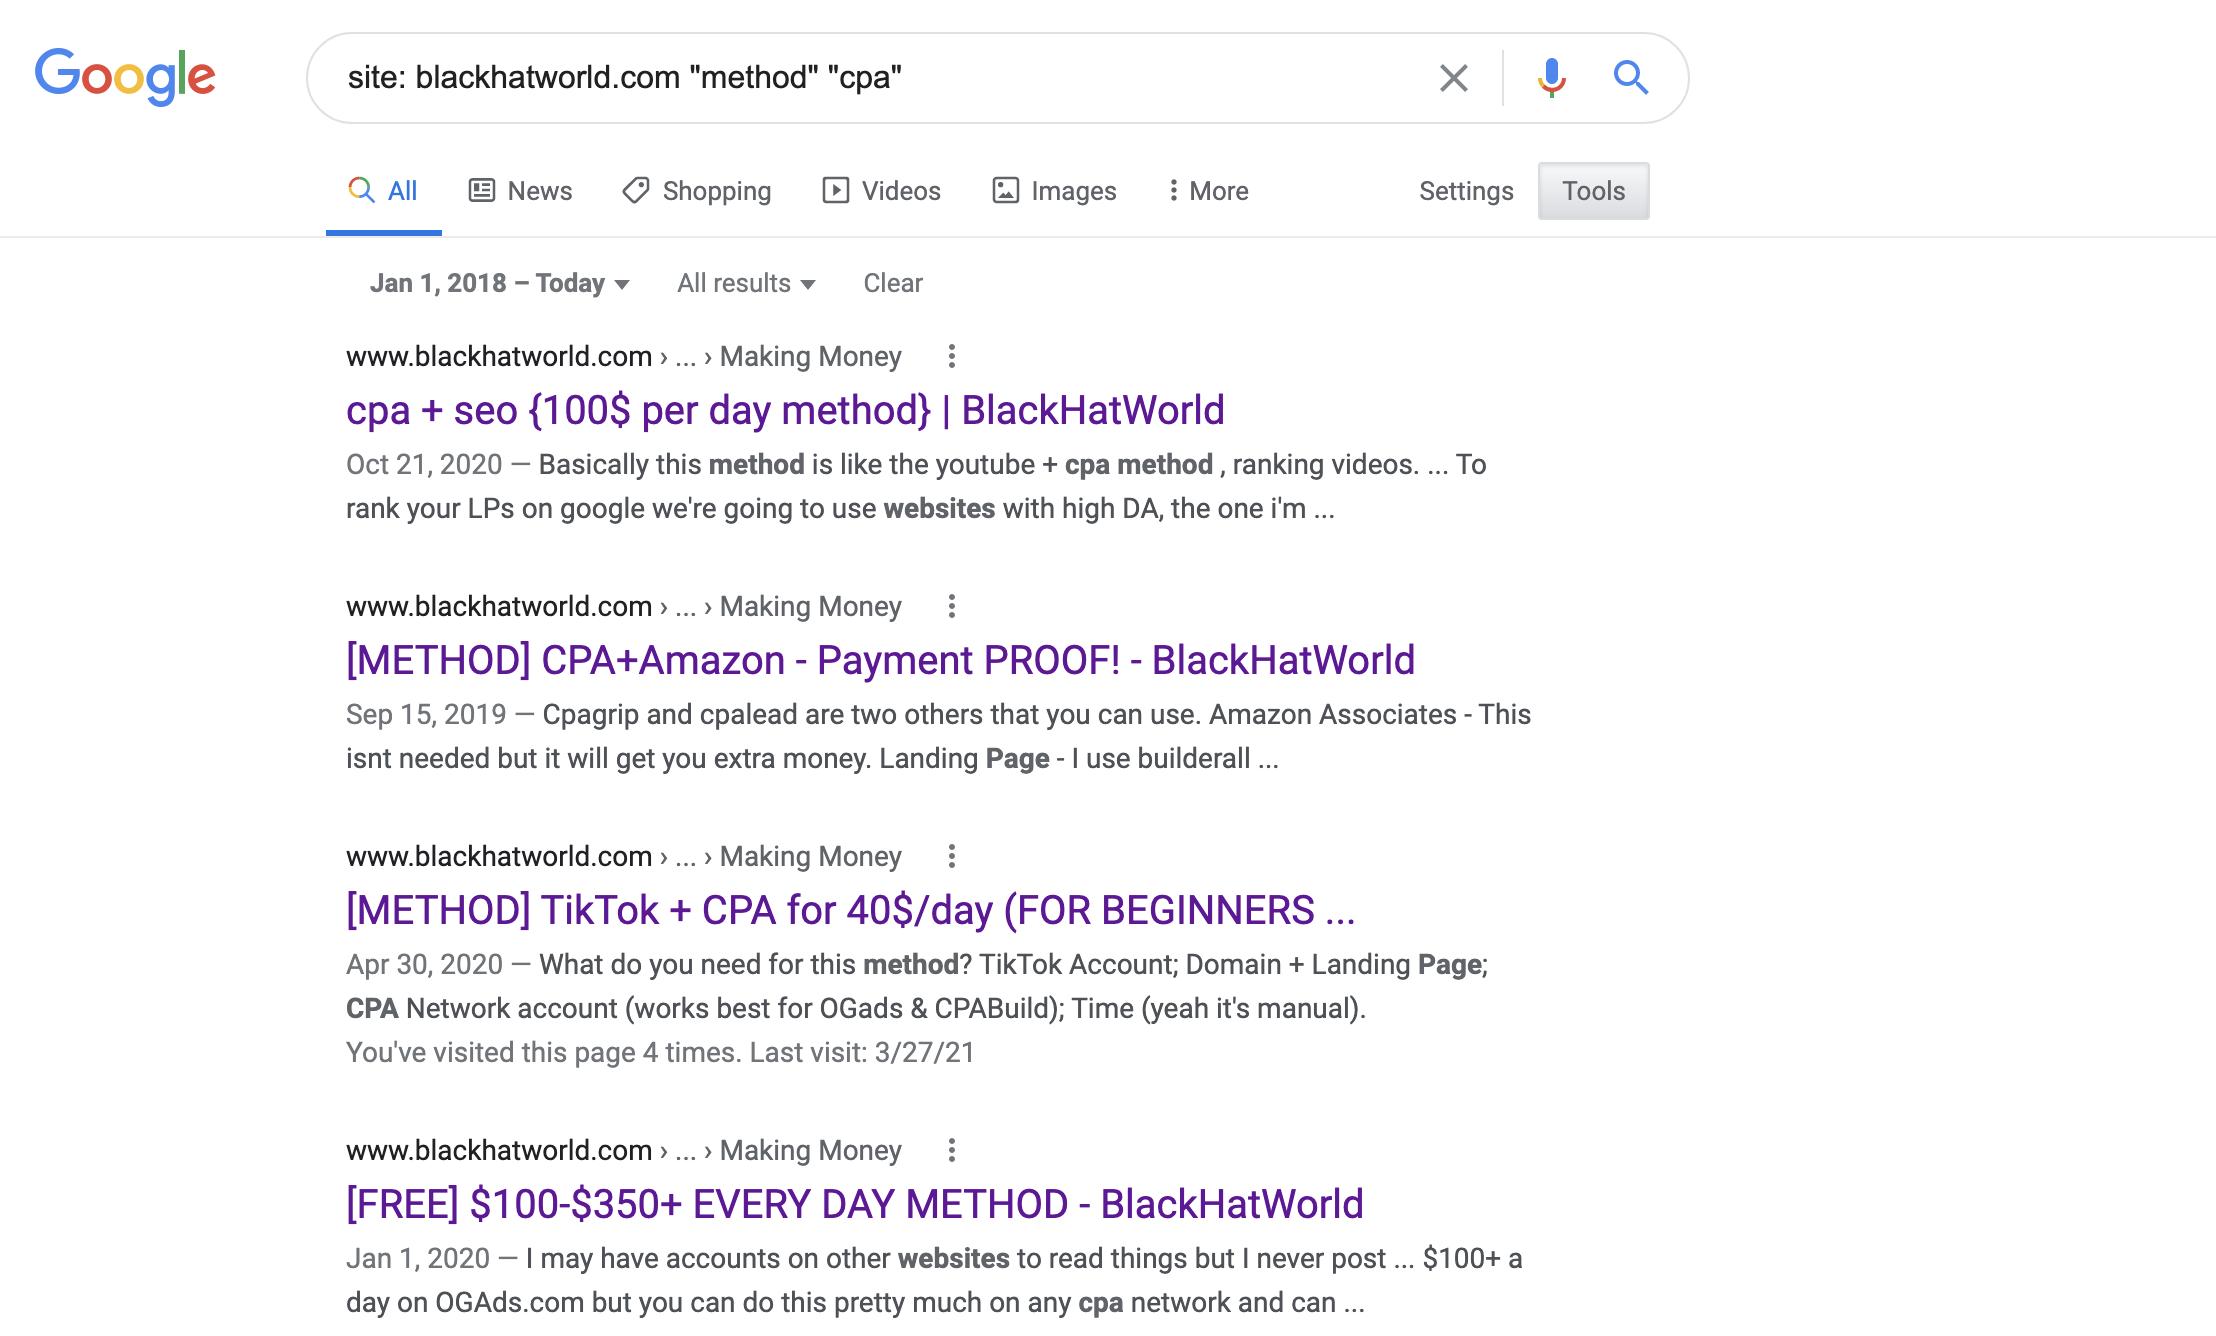 Google CPA Search